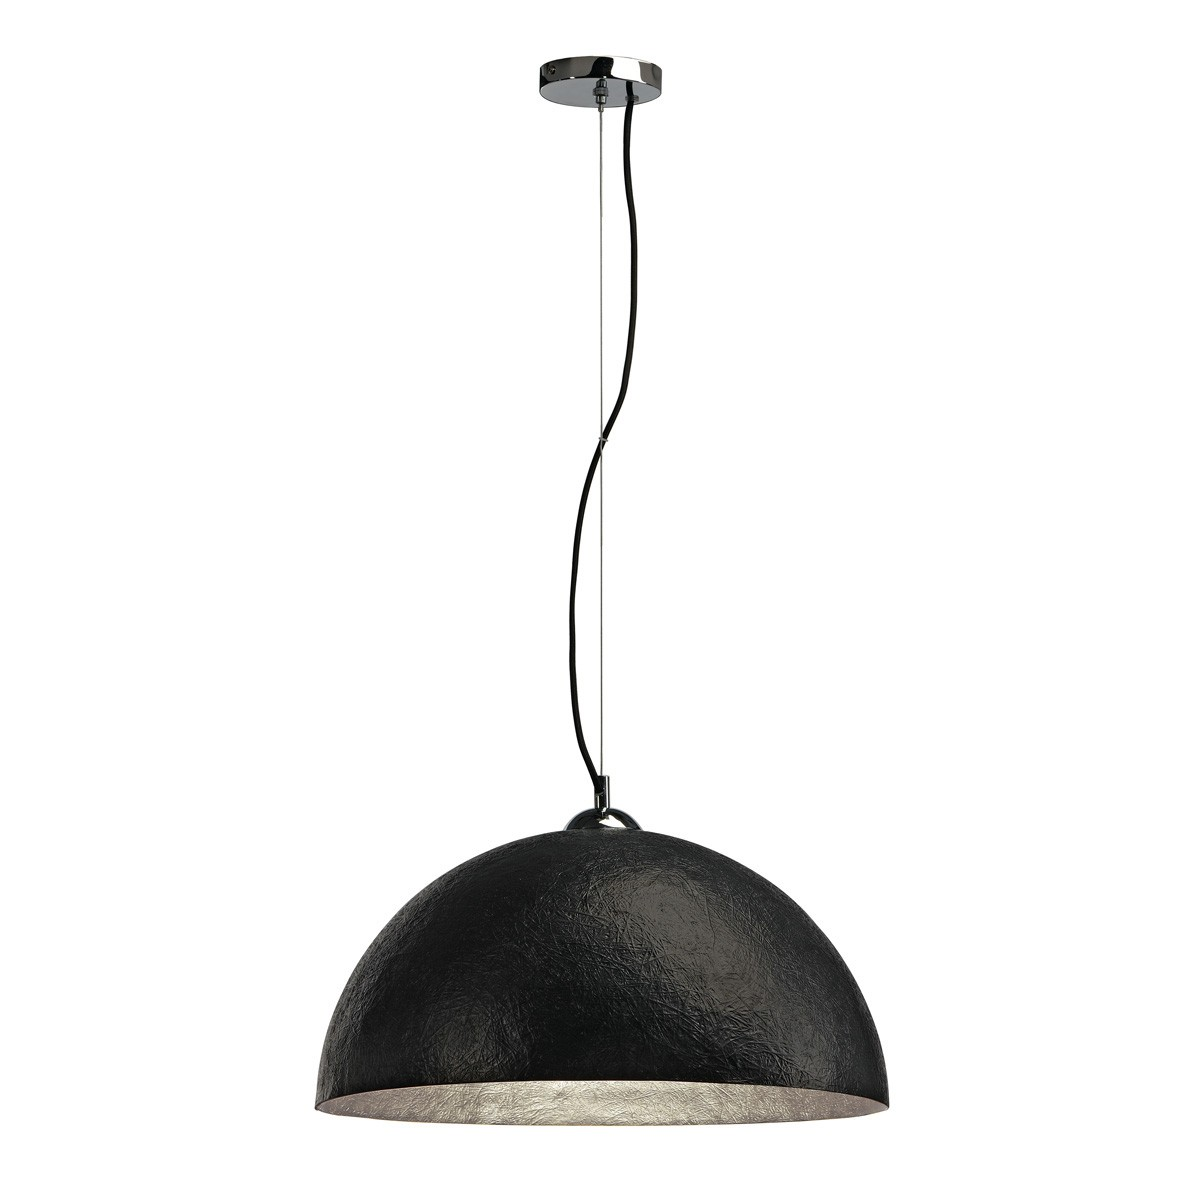 modische slv pendelleuchte forchini pd 1 rund schwarz silber innenleuchten pendelleuchten. Black Bedroom Furniture Sets. Home Design Ideas